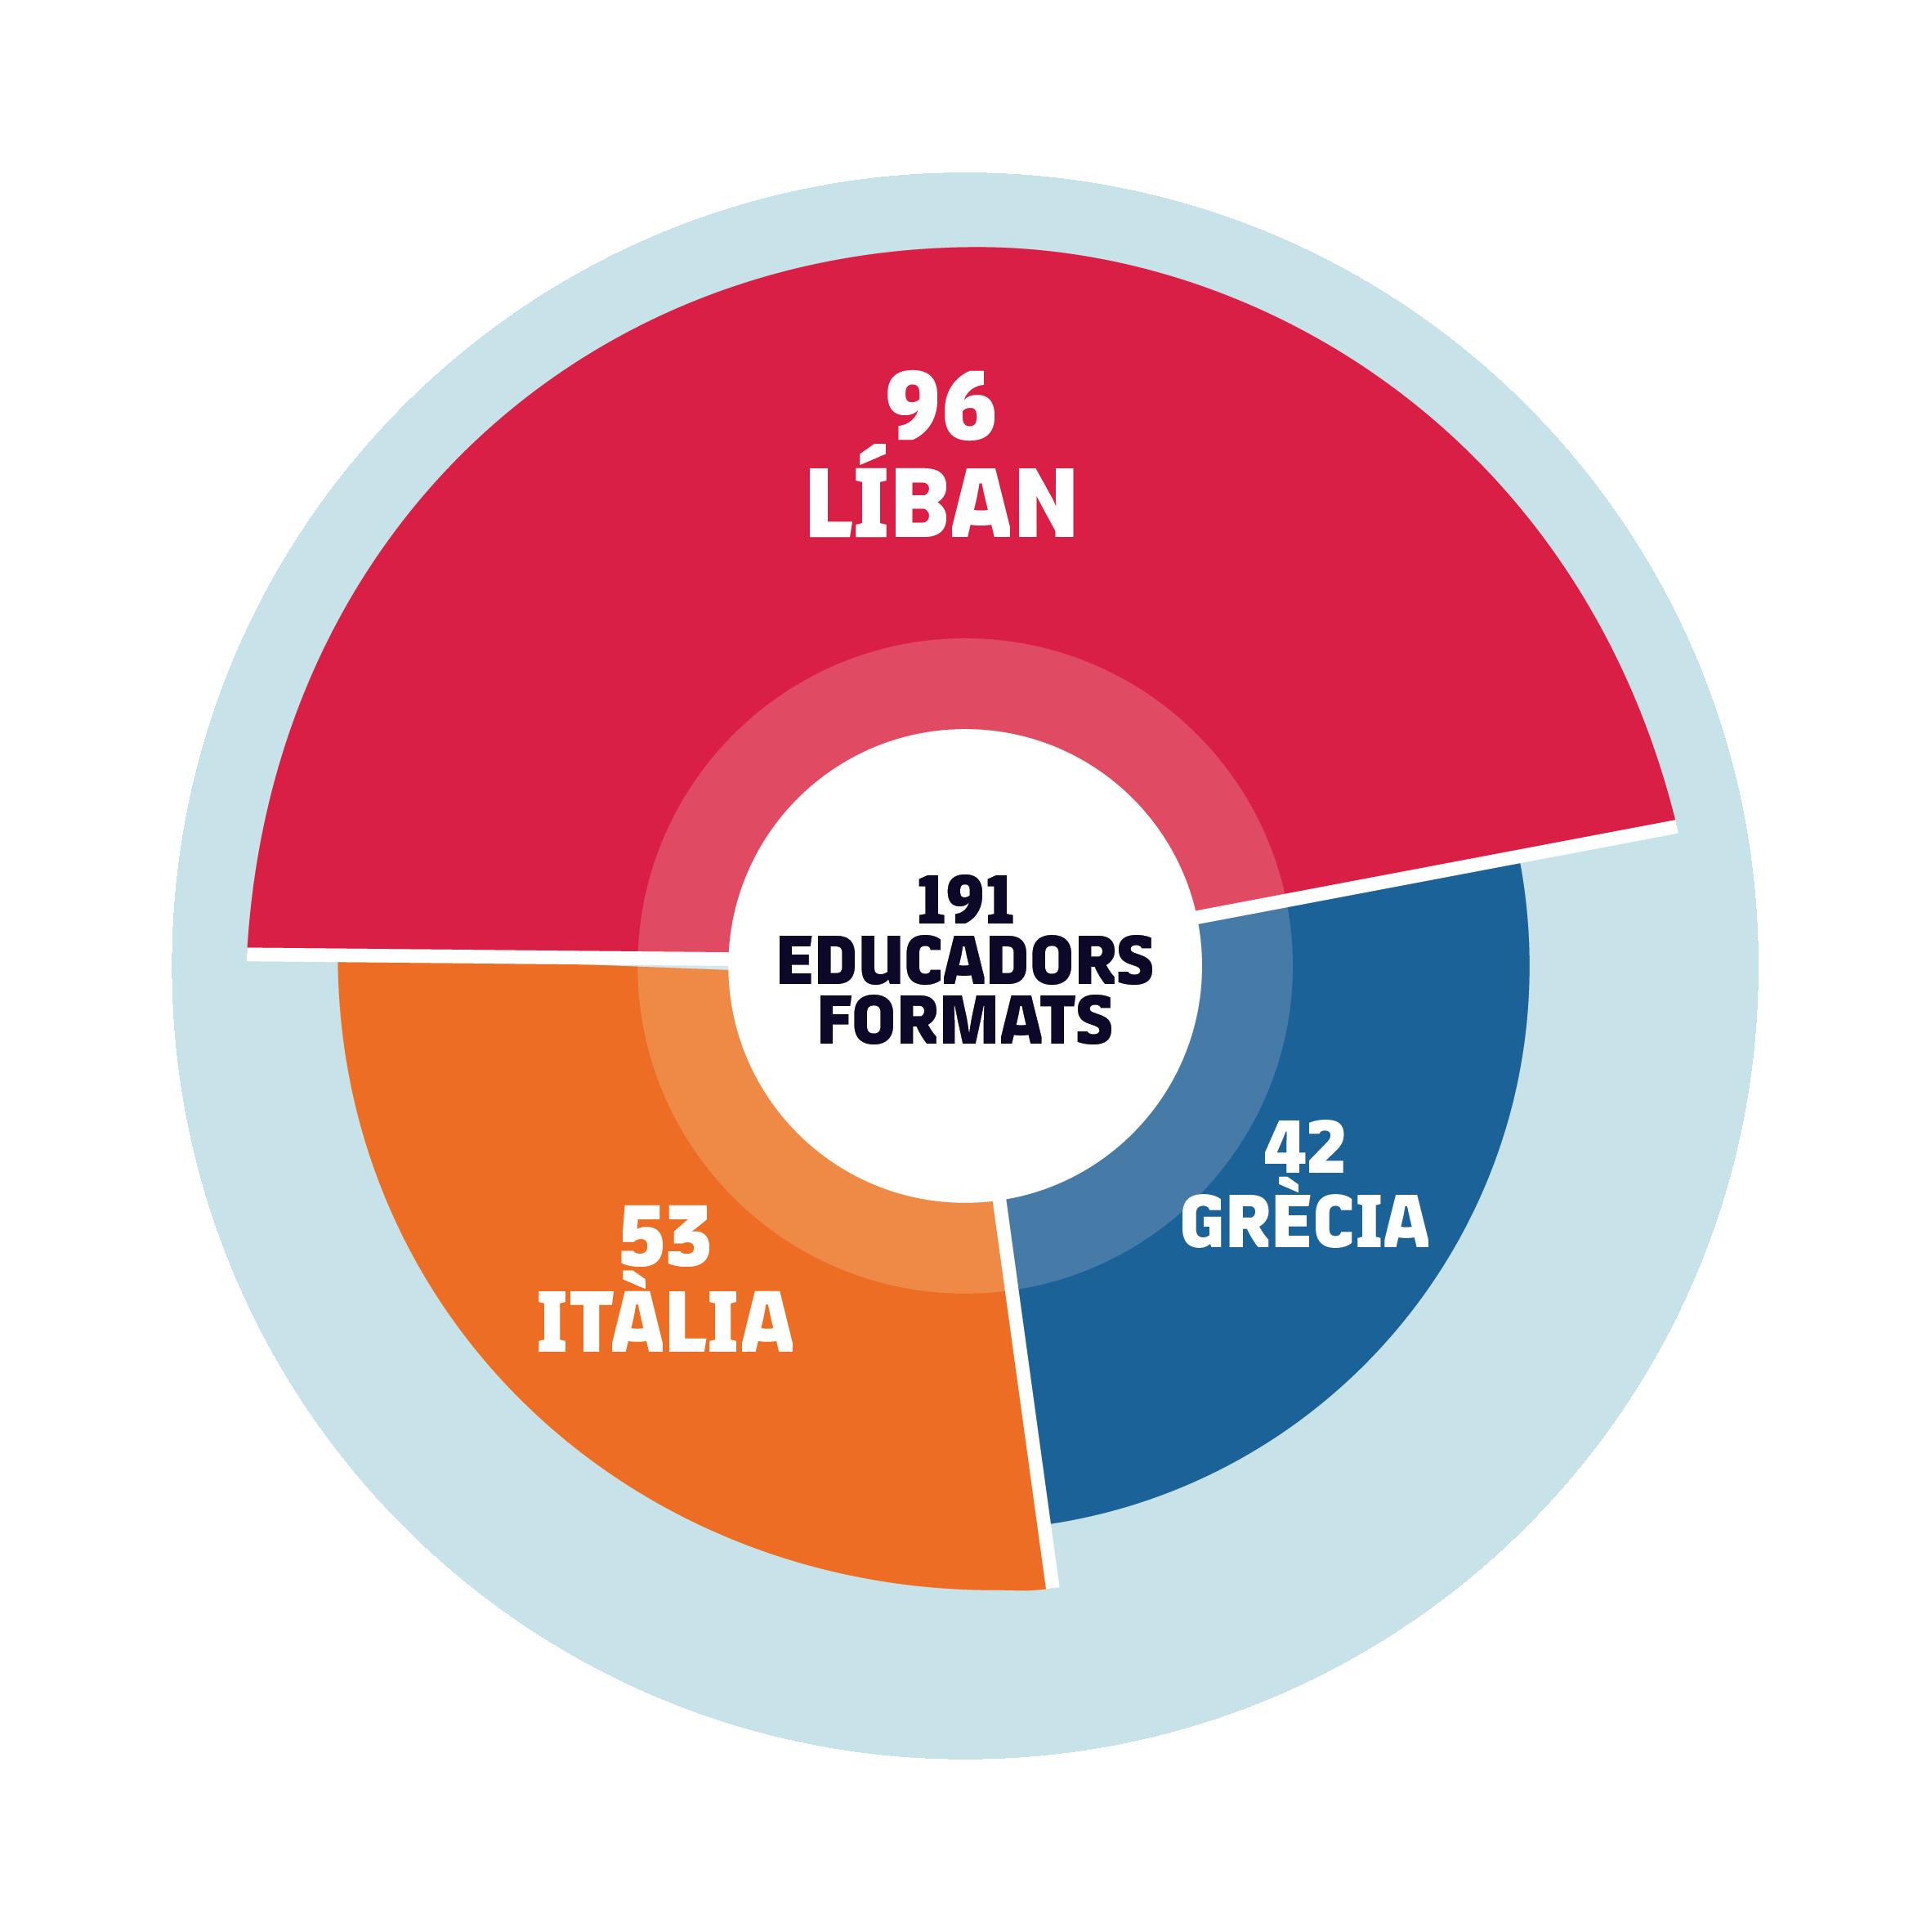 Total 191 educadors formats: 53 Itàlia, 96 Líban, 42 Grècia